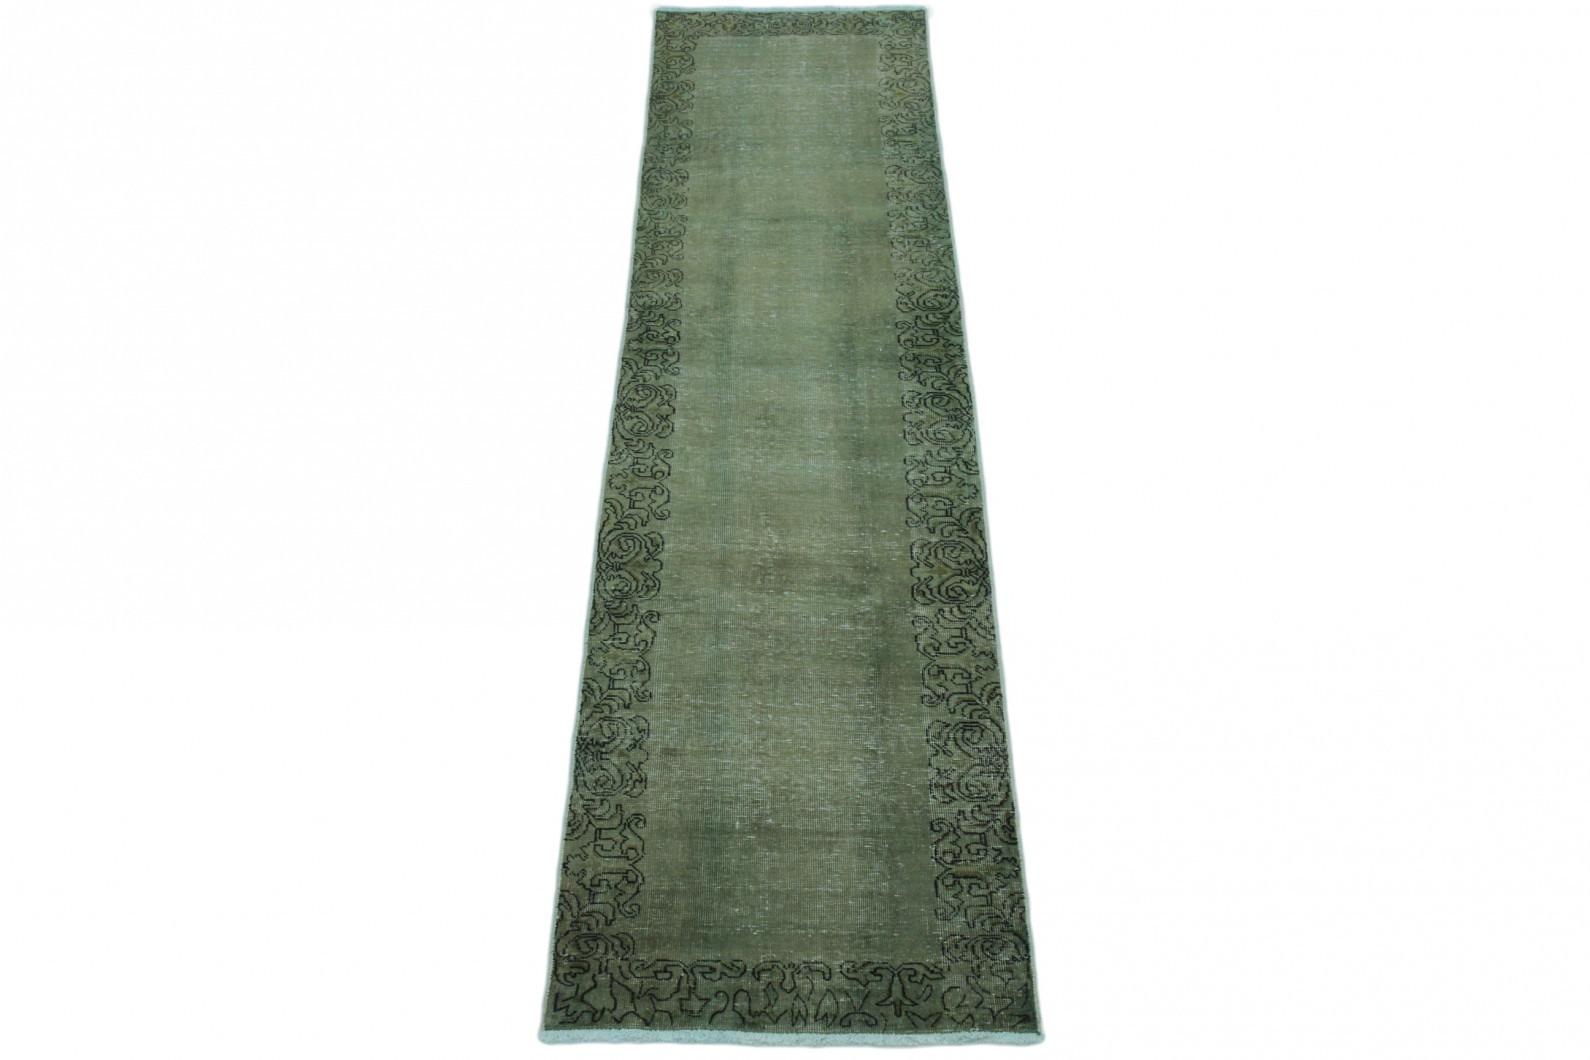 vintage teppich gr n in 340x80 1001 167025 bei carpetido. Black Bedroom Furniture Sets. Home Design Ideas